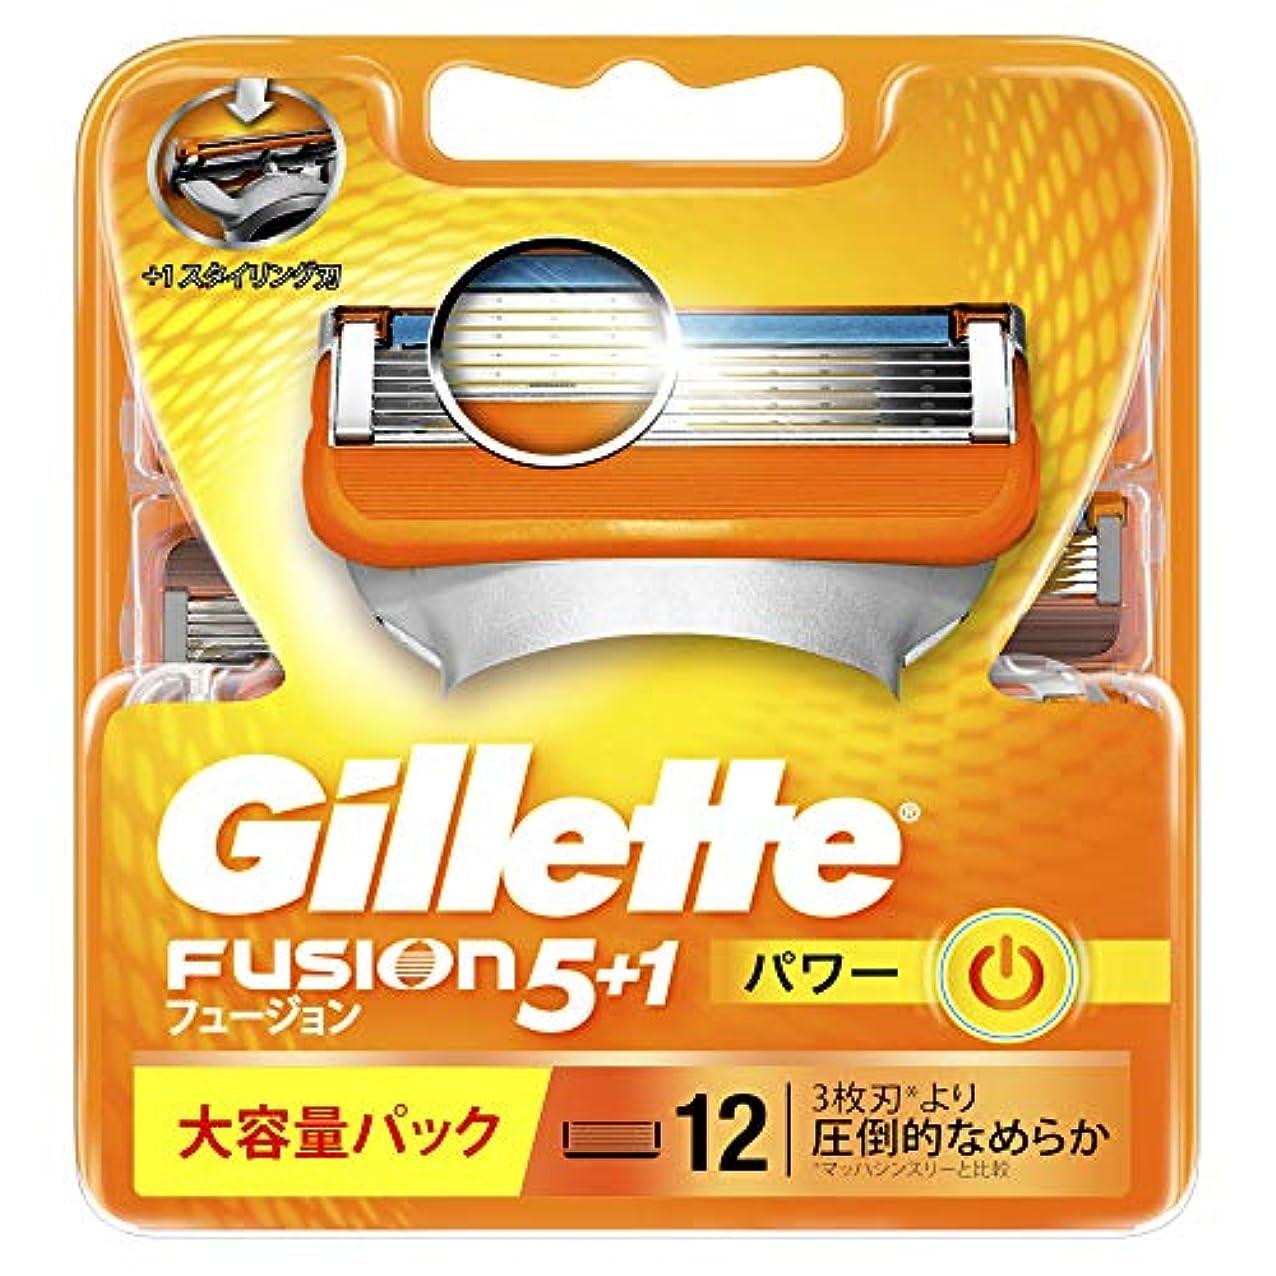 時期尚早親測定可能ジレット 髭剃り フュージョン 5+1 パワー 替刃12個入